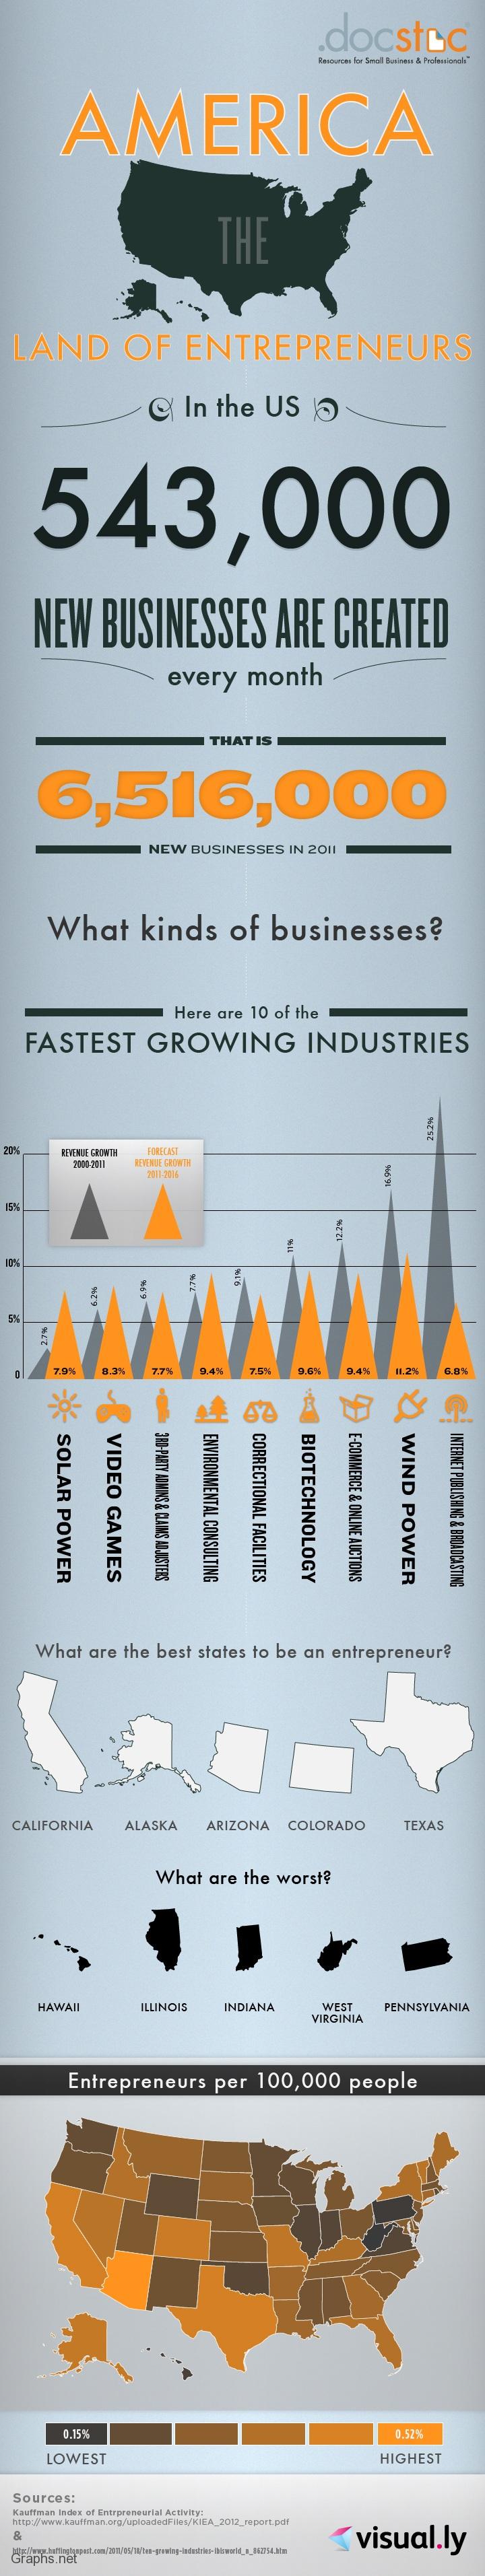 Top 10 Fastest Growing American Industries